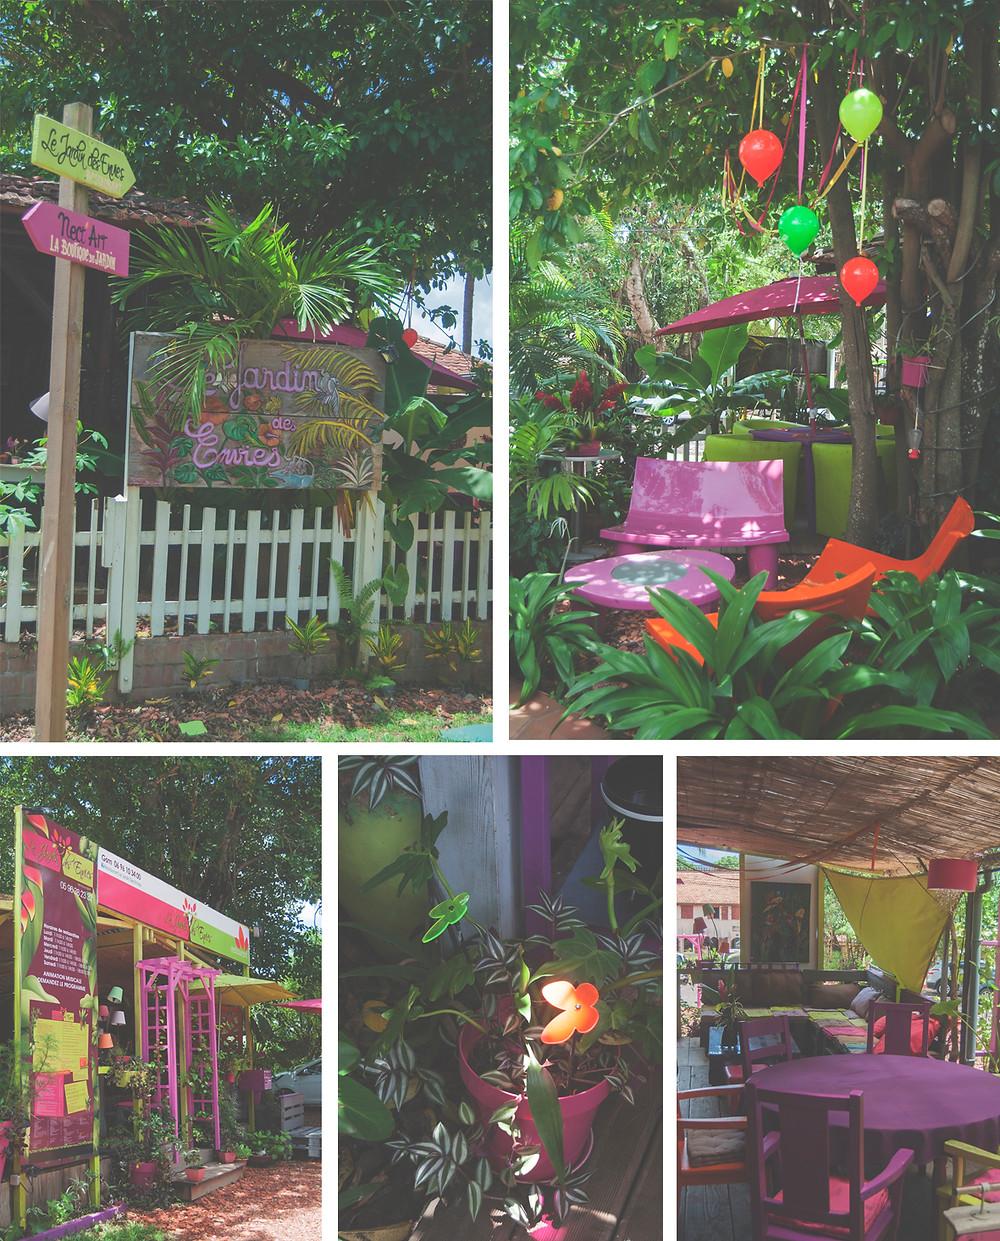 Le Village de la Poterie - Restaurant Le Jardin des Envies